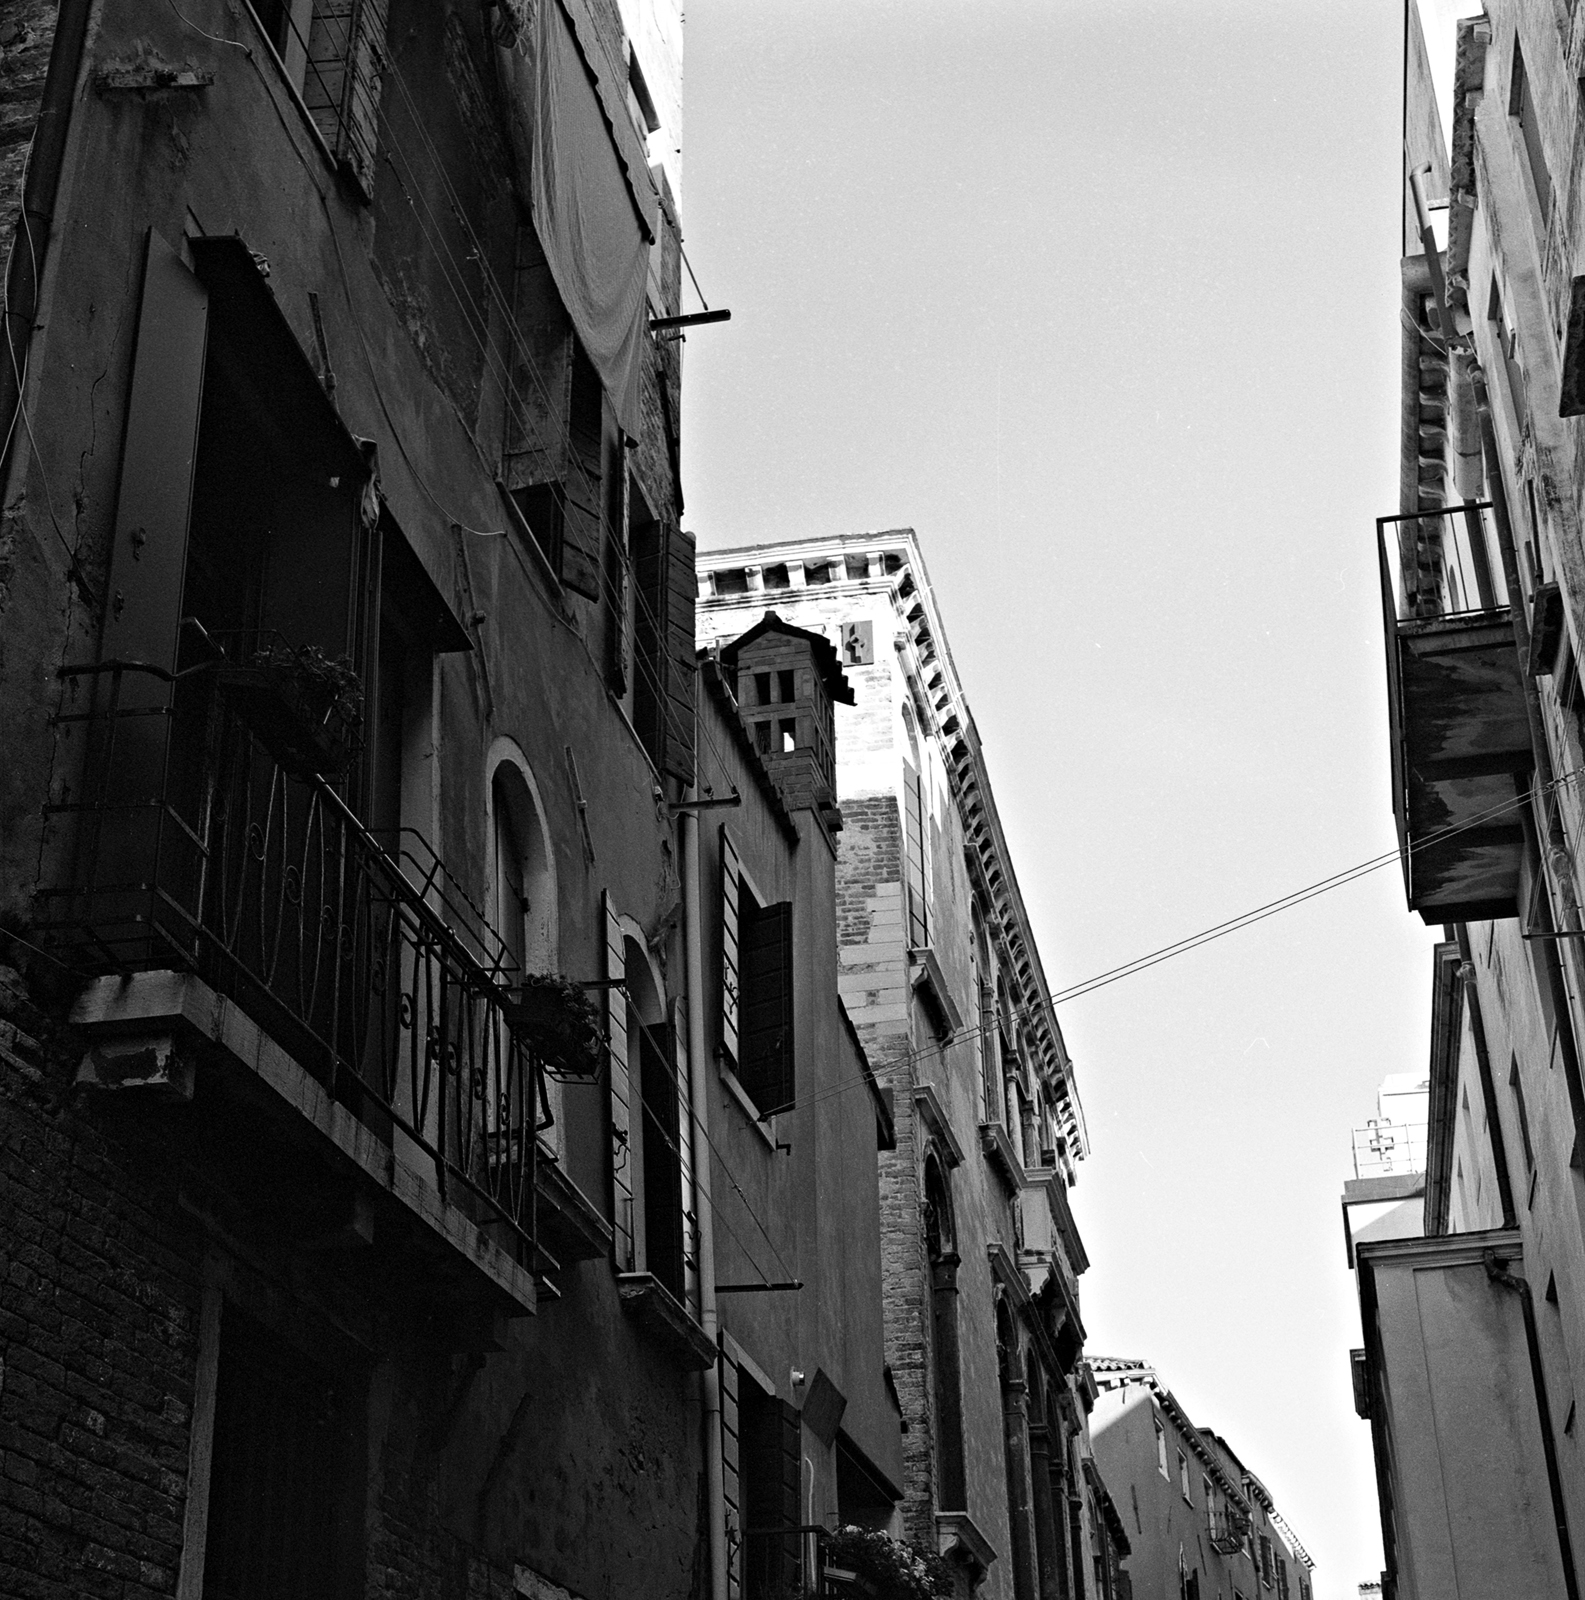 Venice-r8-008.jpg